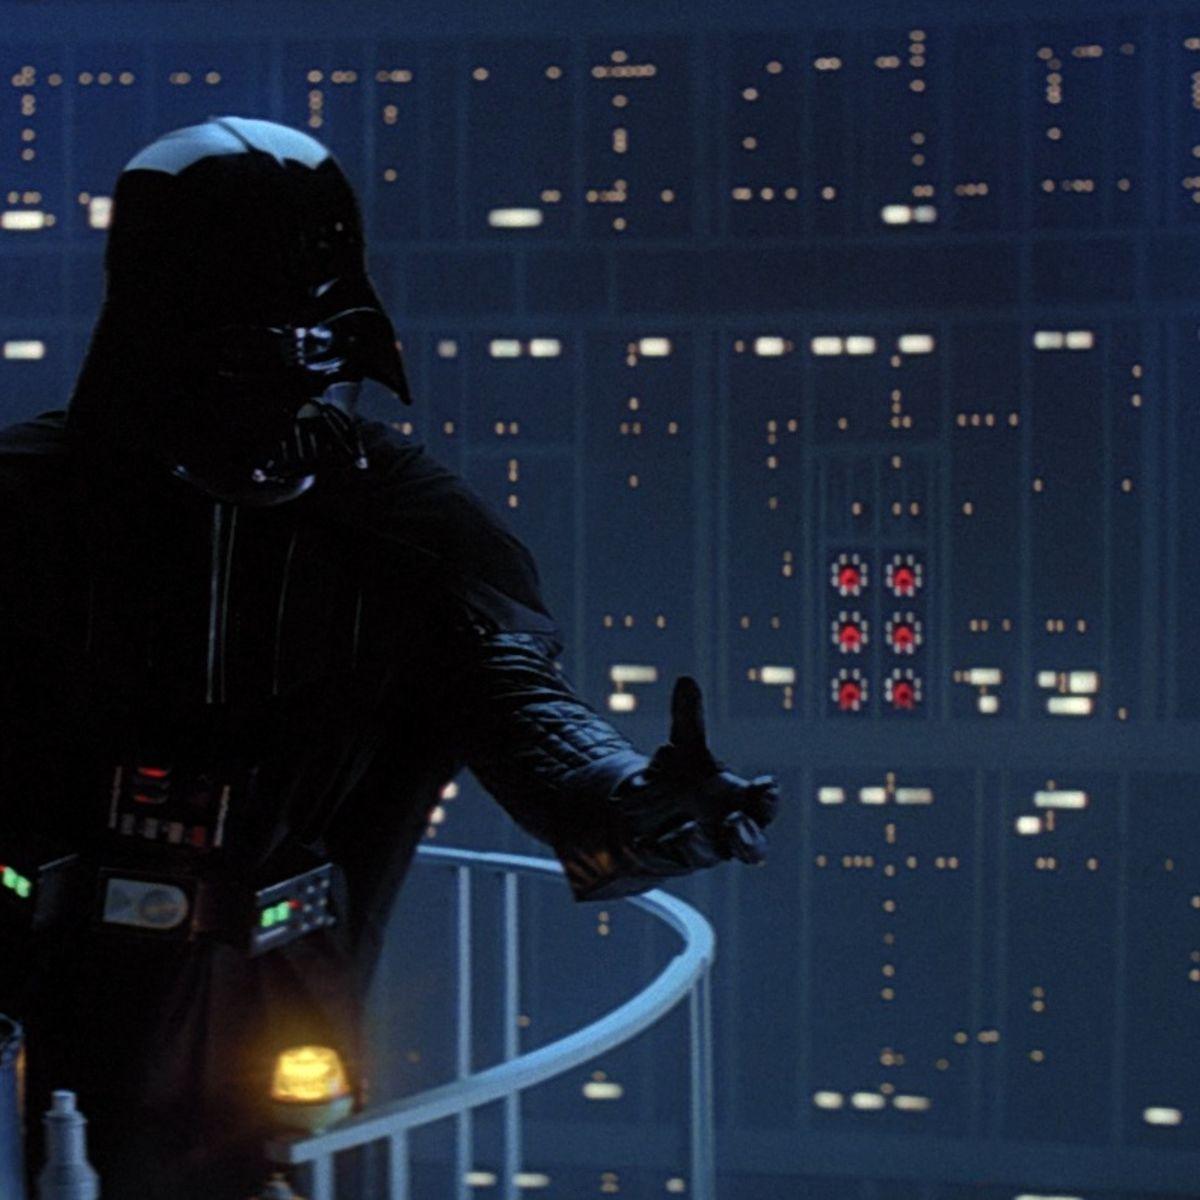 Empire-Strikes-Back-Darth-Vader-Star-Wars.jpeg